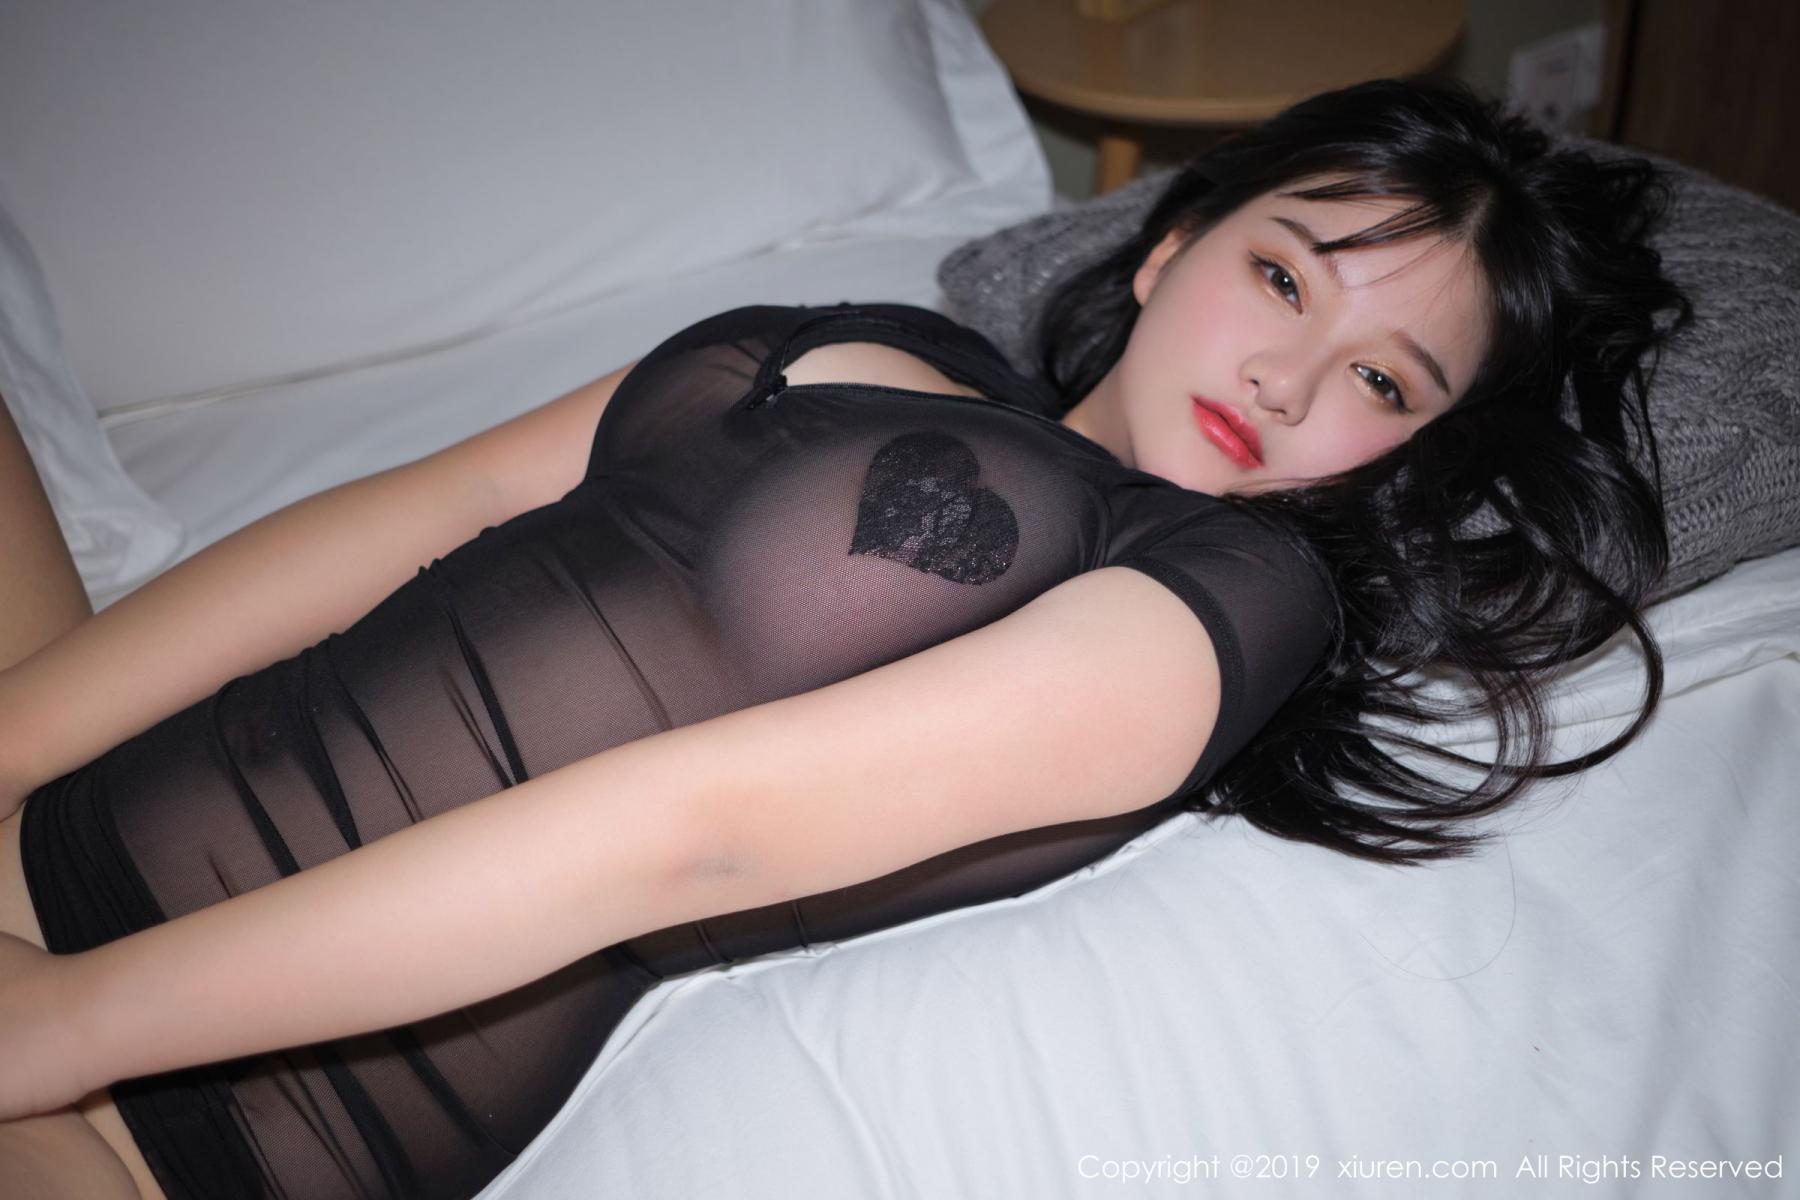 [XiuRen] Vol.1824 Lu Lu Xiao Miao 65P, Baby Face Big Boobs, Lu Lu Xiao Miao, Maid, Xiuren